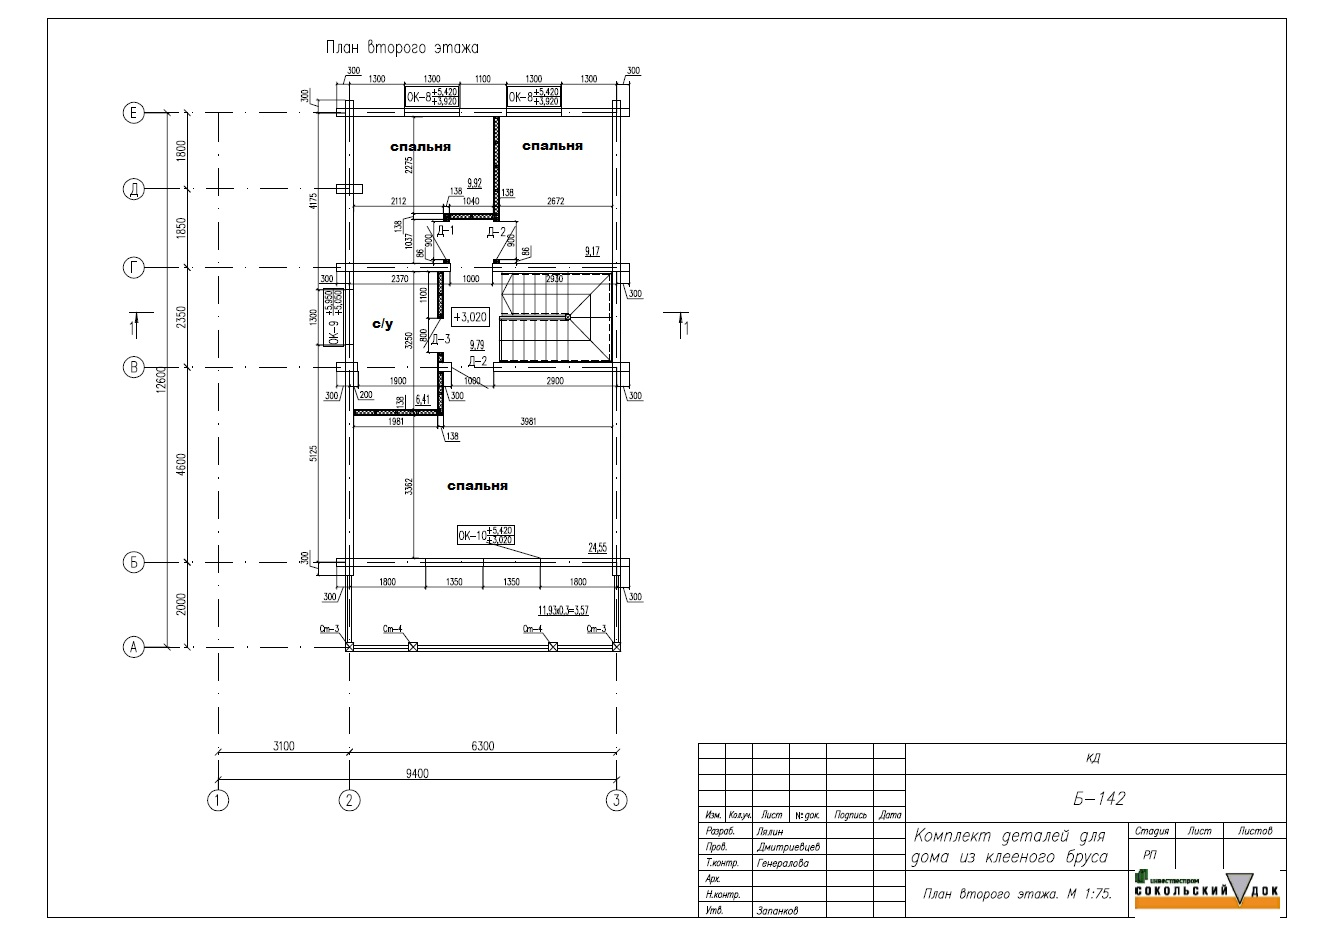 План второго этажа готового коттеджа Б-142